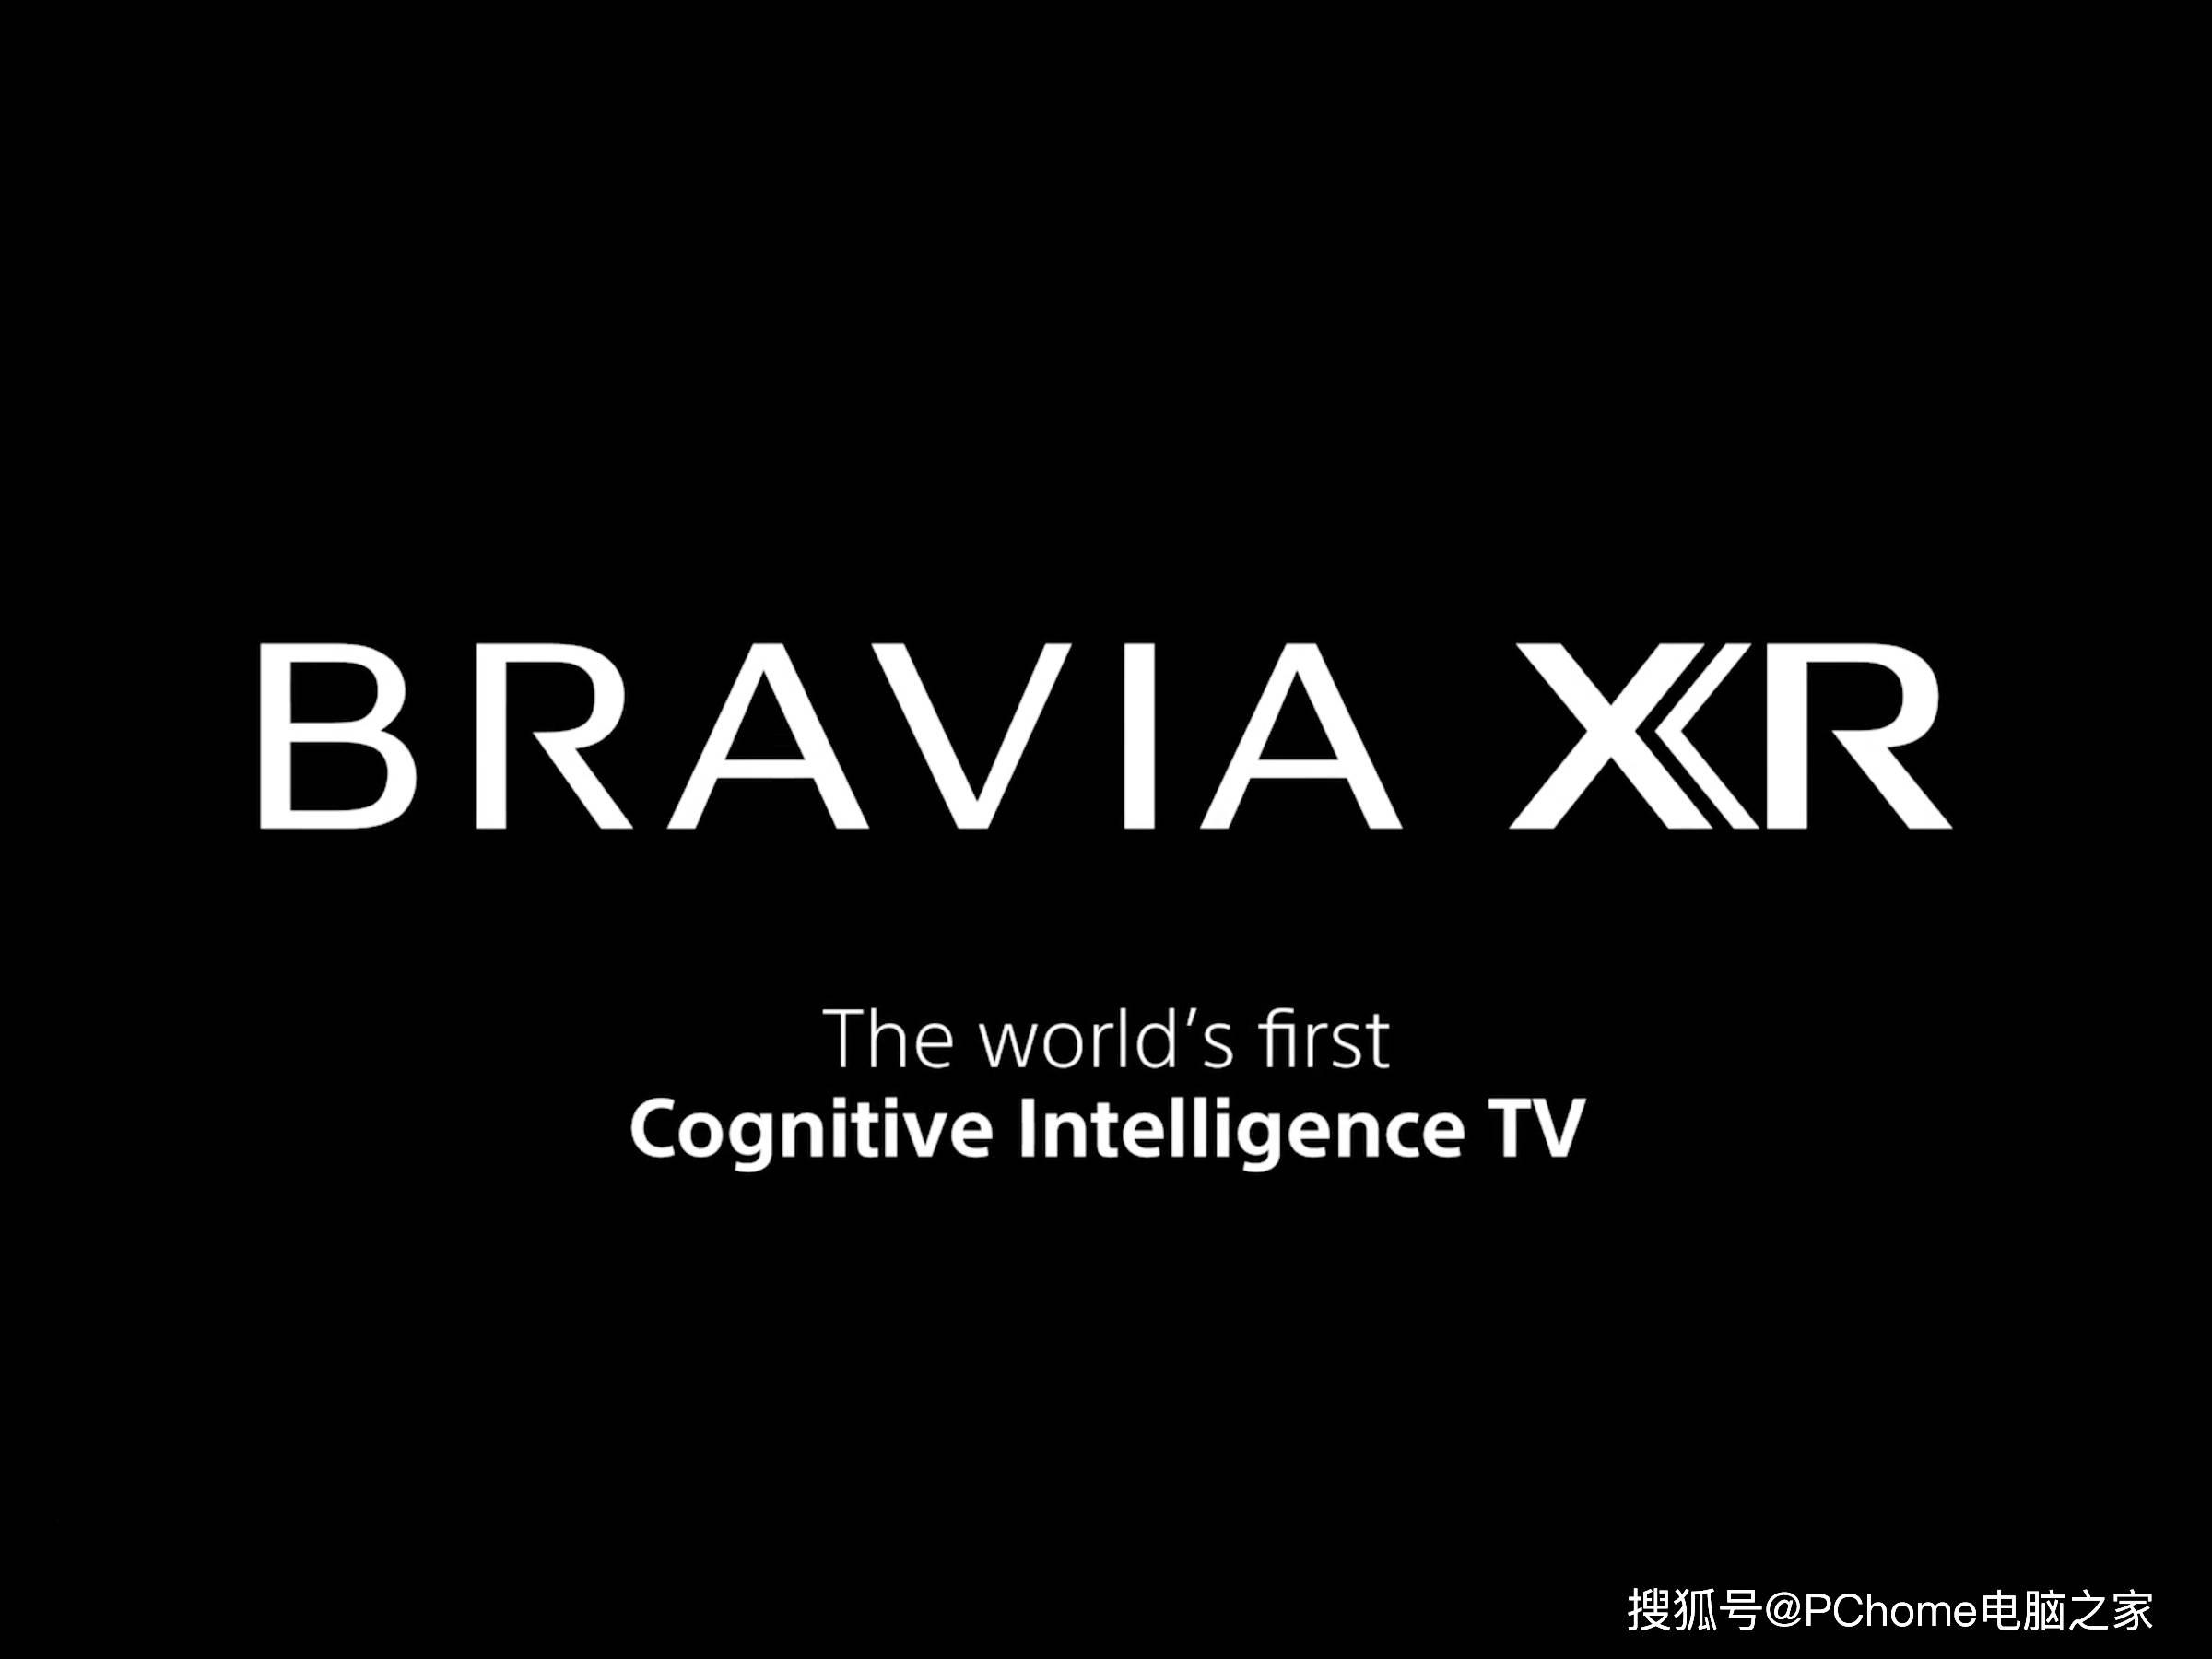 索尼2021电视矩阵更新:标准HDMI2.1 XR认知芯片